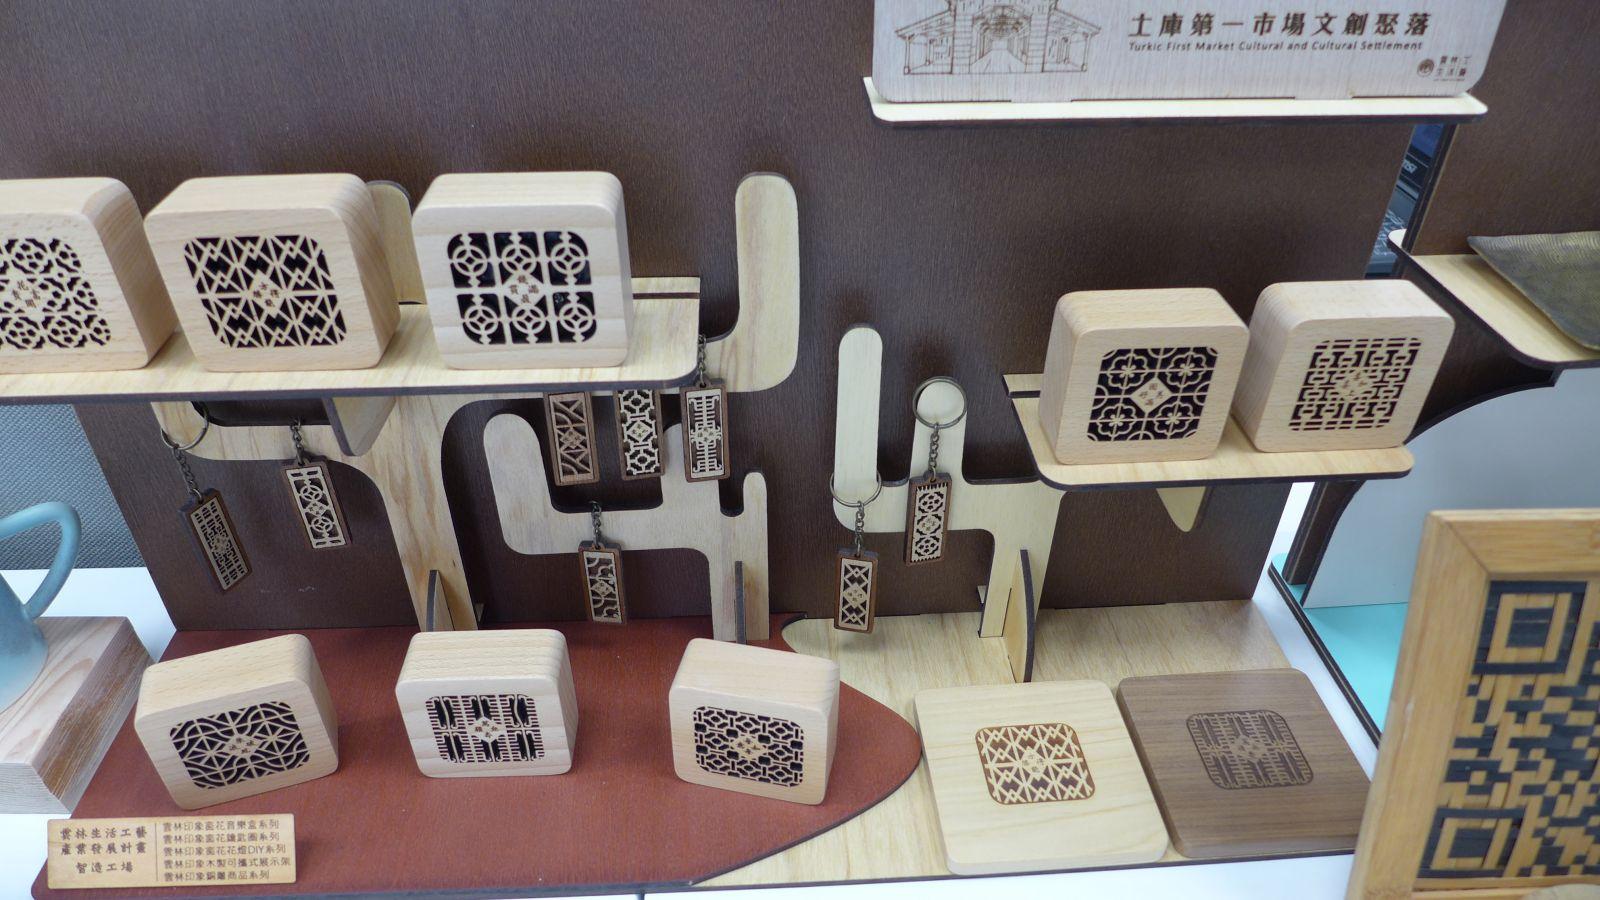 運用雷射雕刻技術,將古樸鐵窗花元素刻畫於木質音樂盒上。